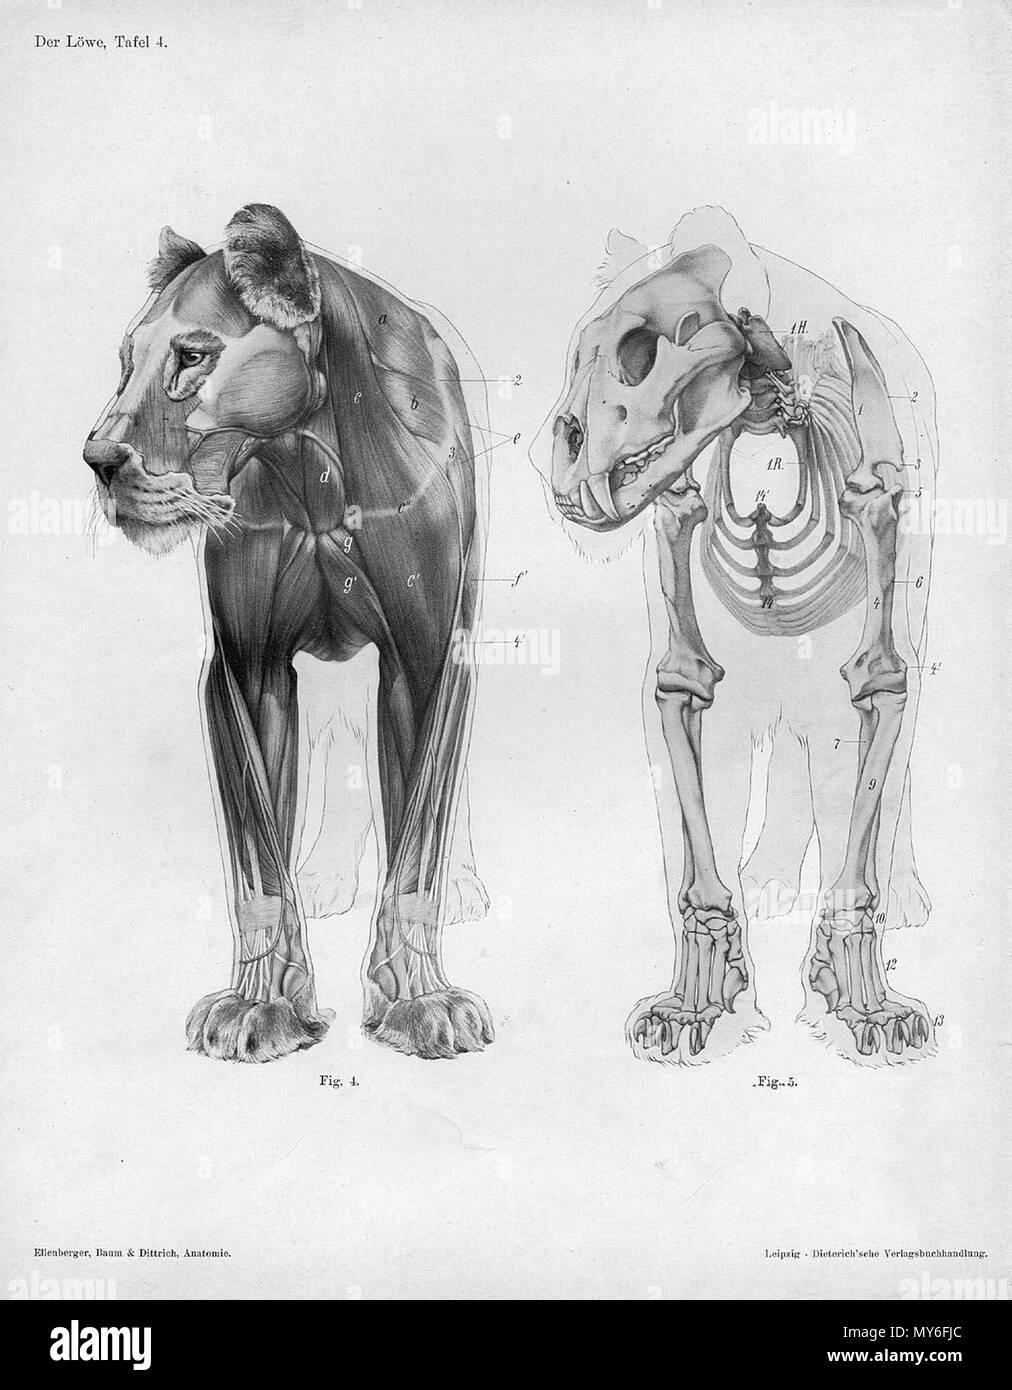 """. Anatómica Animal grabado de Handbuch der Anatomie der Tiere für Künstler"""" - Hermann Dittrich, Illustrator. 1889 y 1911-1925. Wilhelm Ellenberger y Hermann Baum 325 anatomía León vista anterior Foto de stock"""